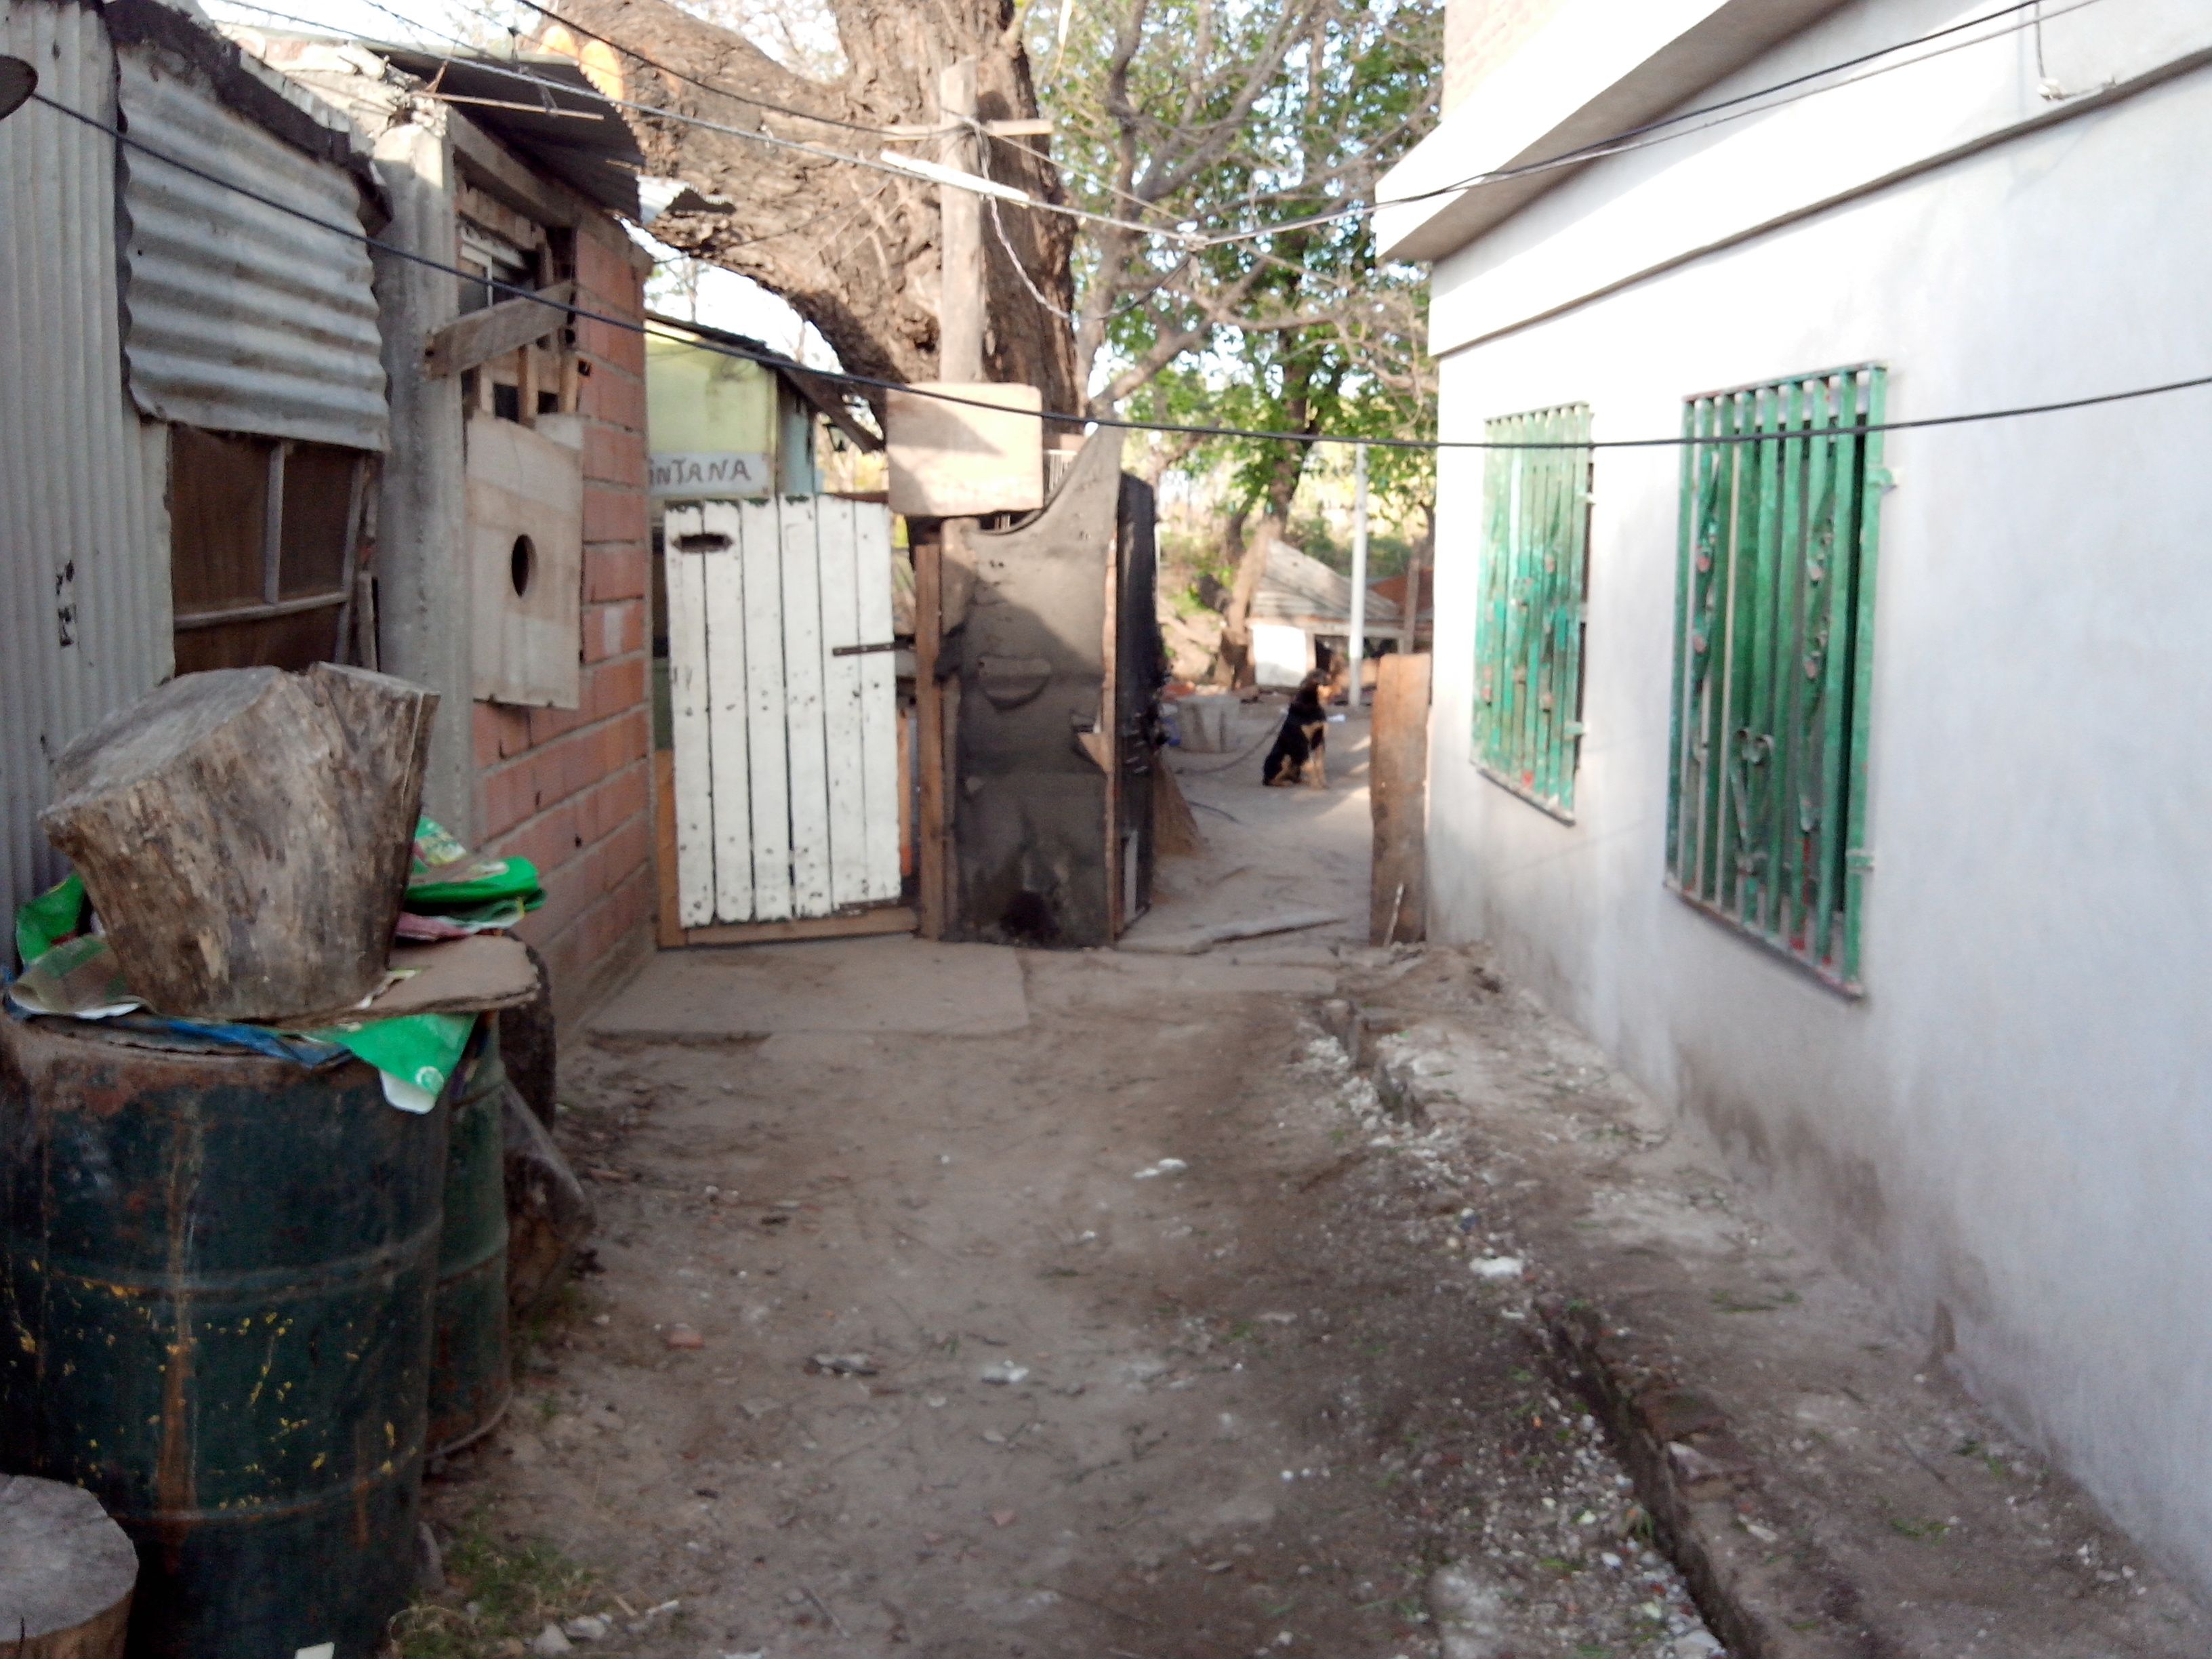 La víctima fue baleada en un pasillo de Casiano Casas al 1900. (Foto: S.S.Meccia)